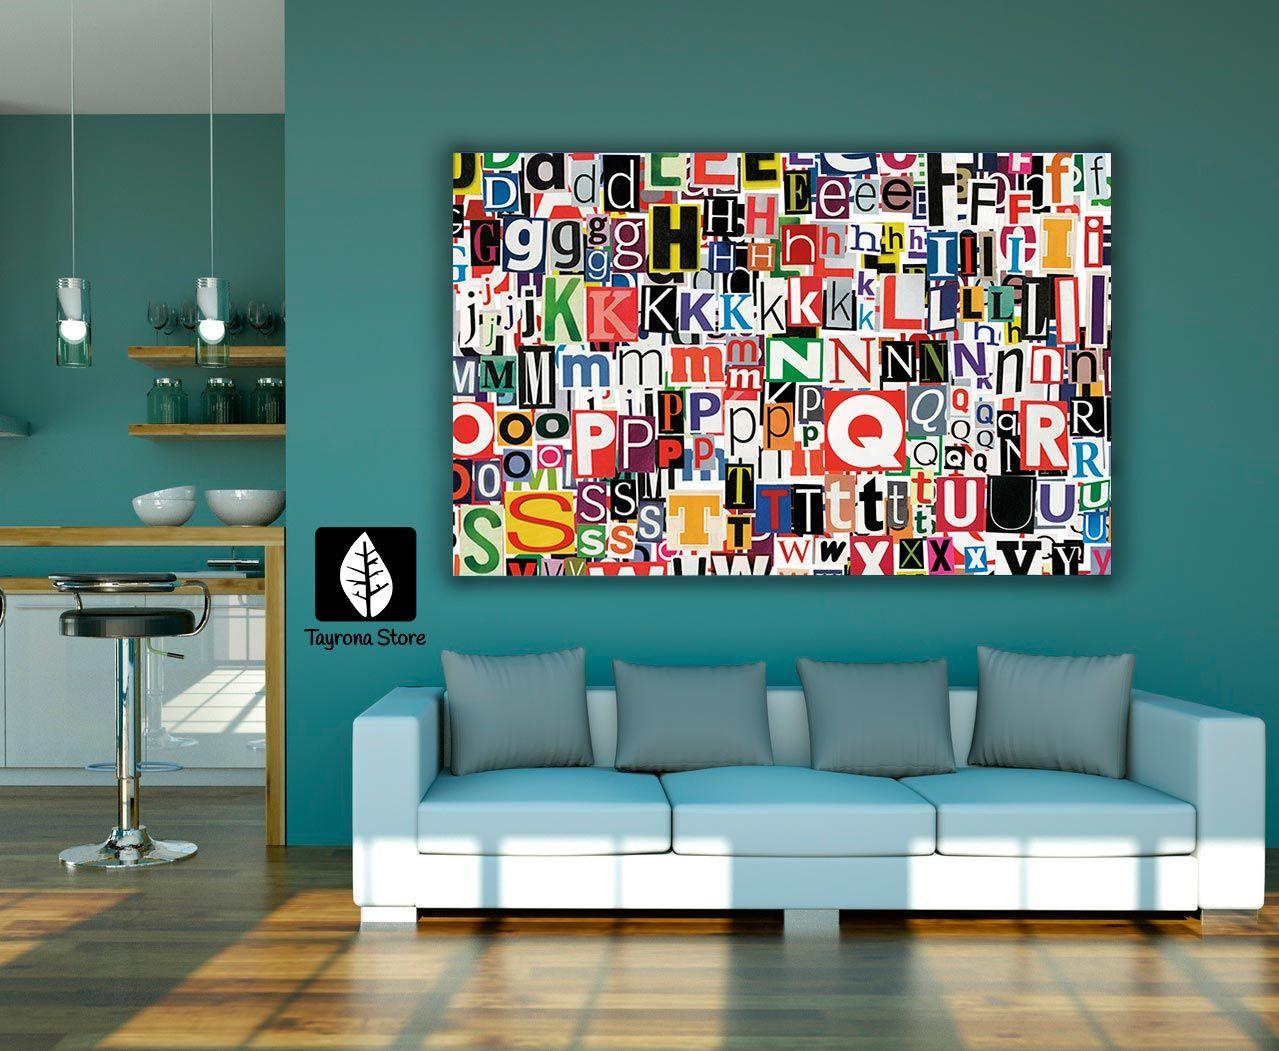 Cuadros Decorativos letras #tayronastore,#cuadros #decorativos ...